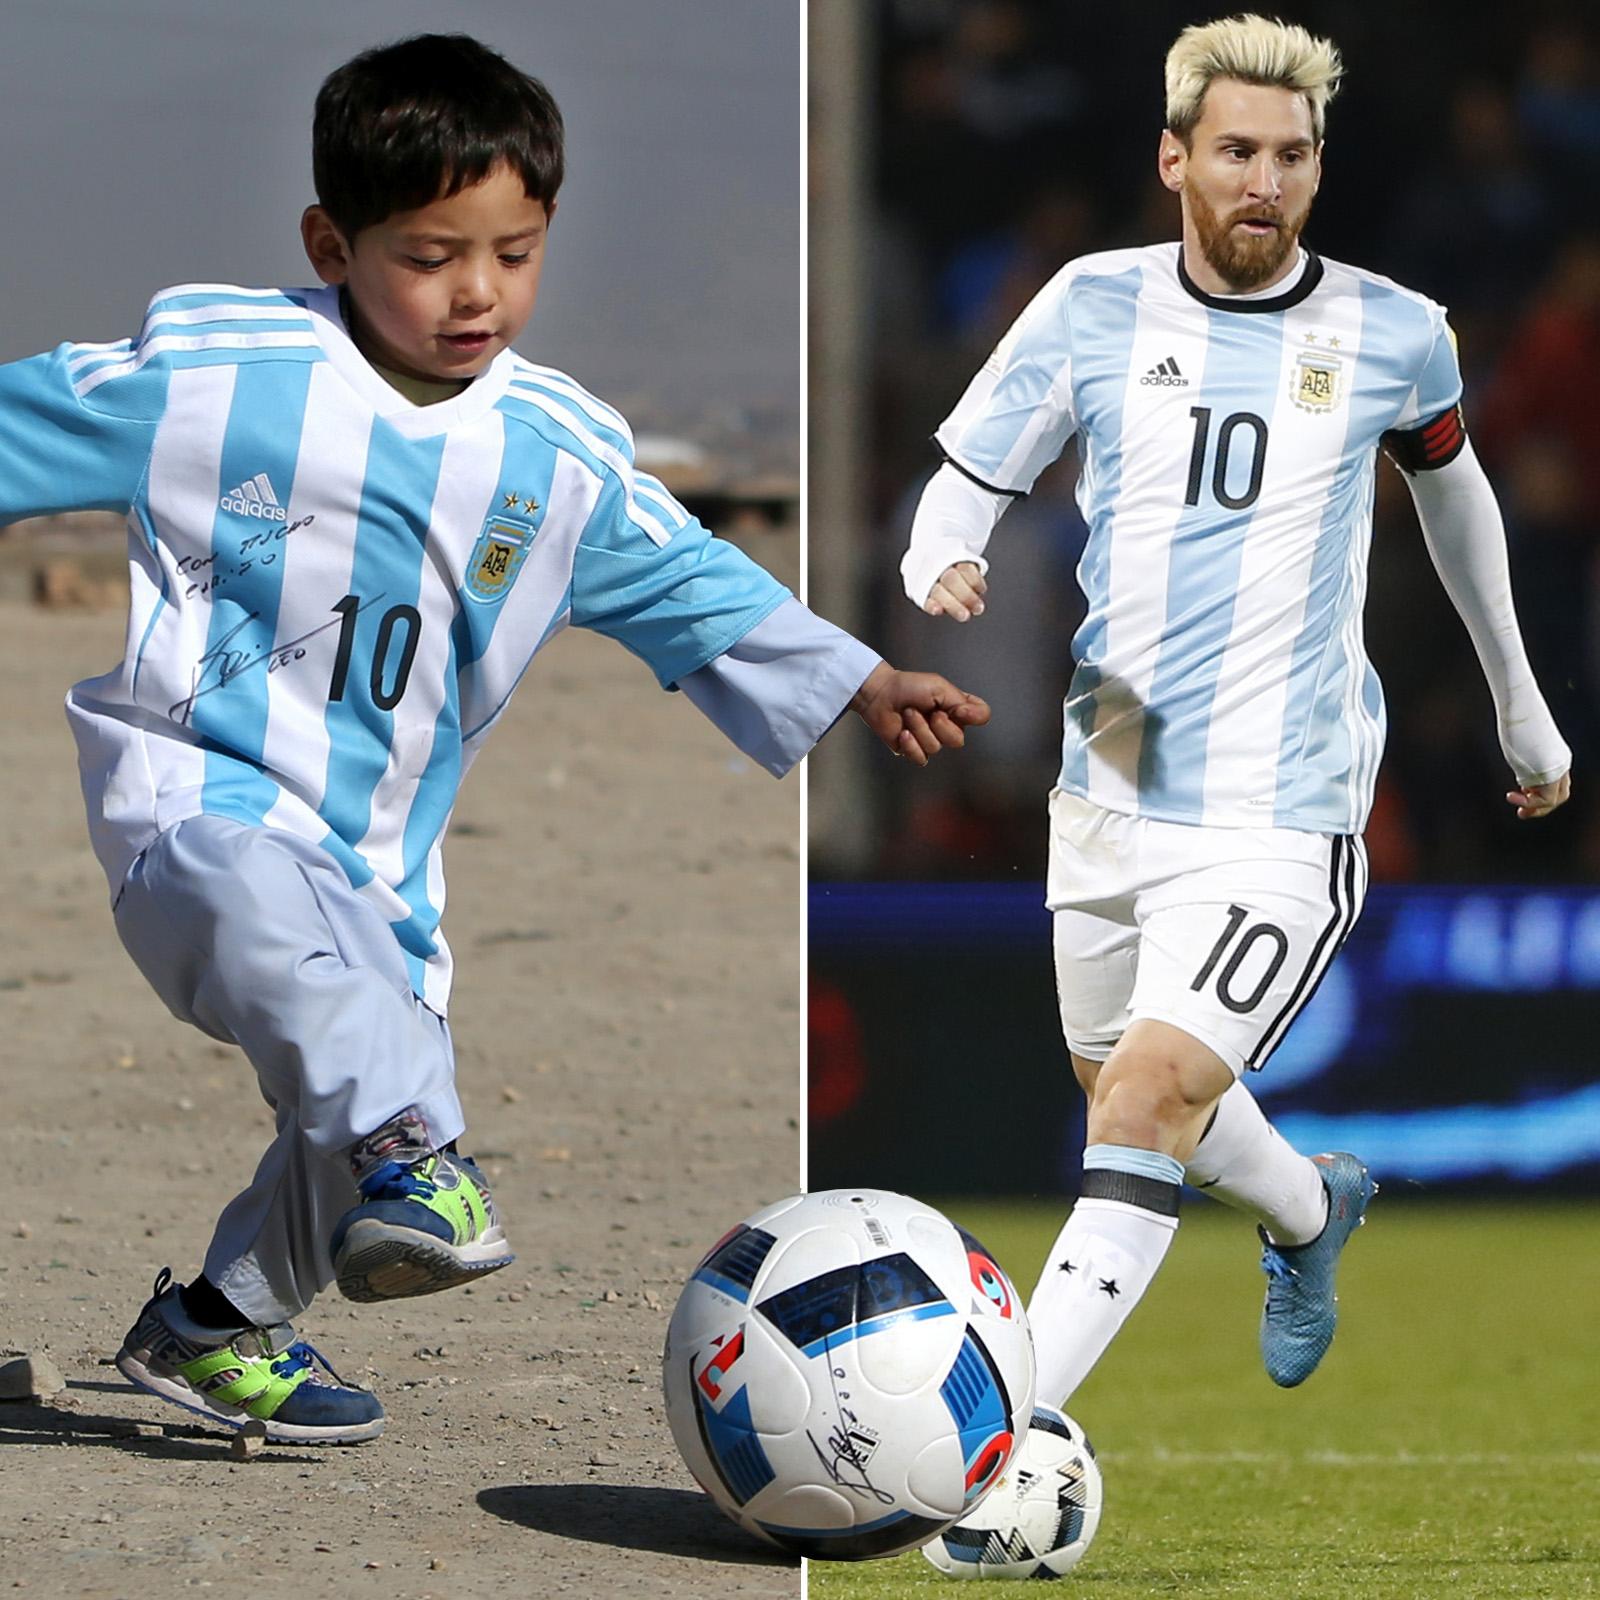 Murtaza Ahmadi y Lionel Messi